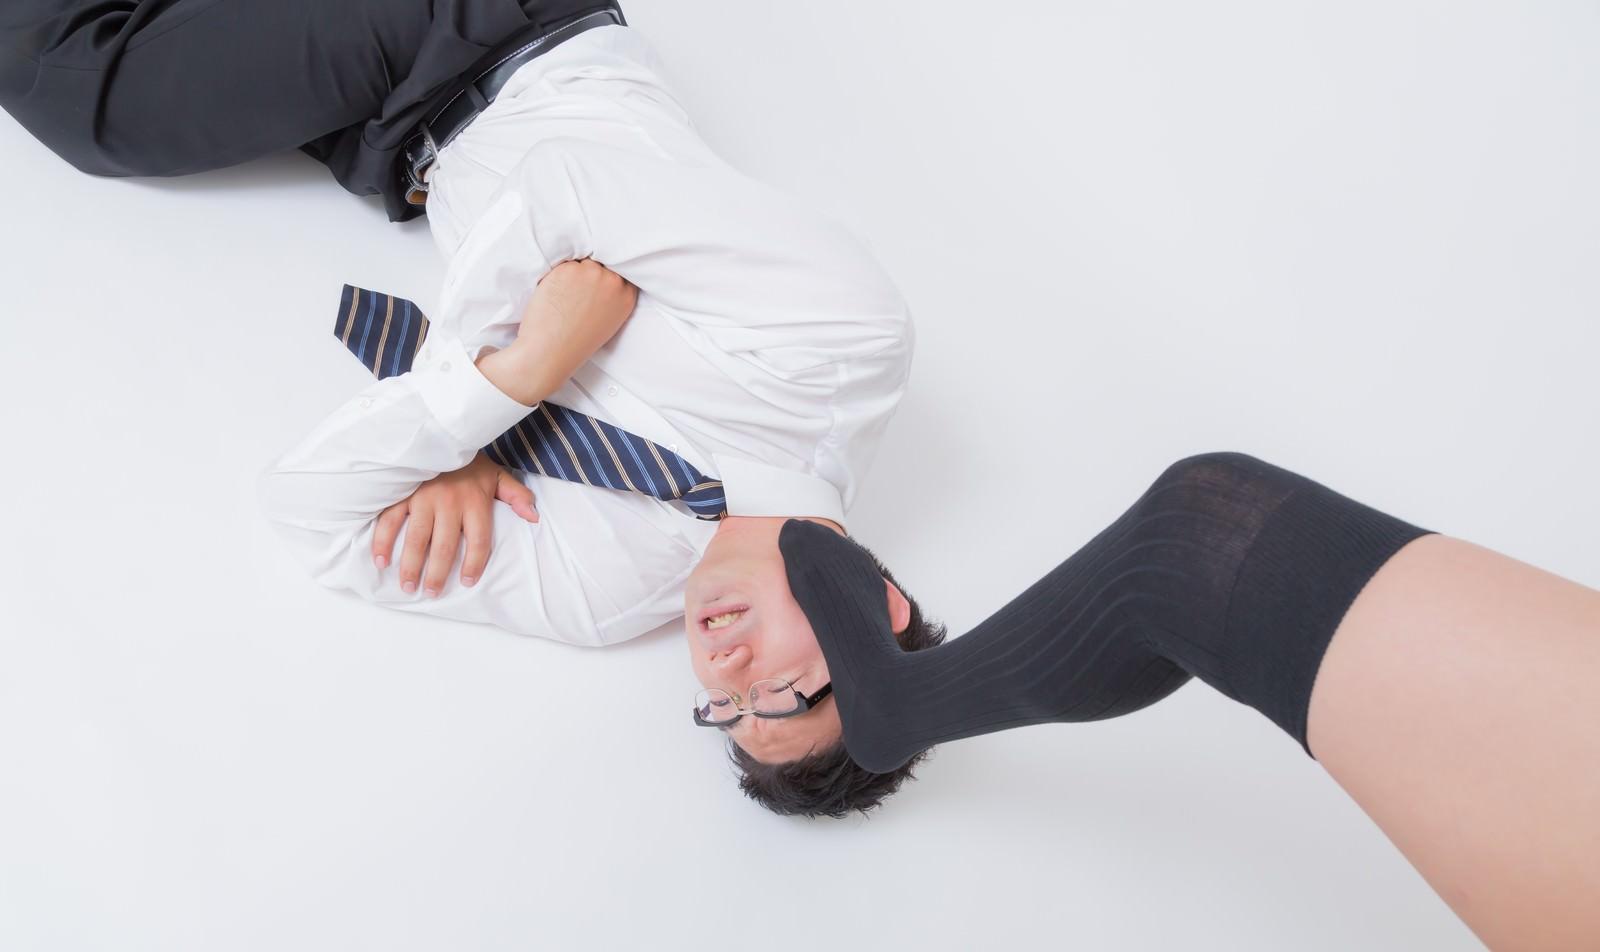 「オイタが過ぎて踏みつけられる男性」の写真[モデル:OZPA]